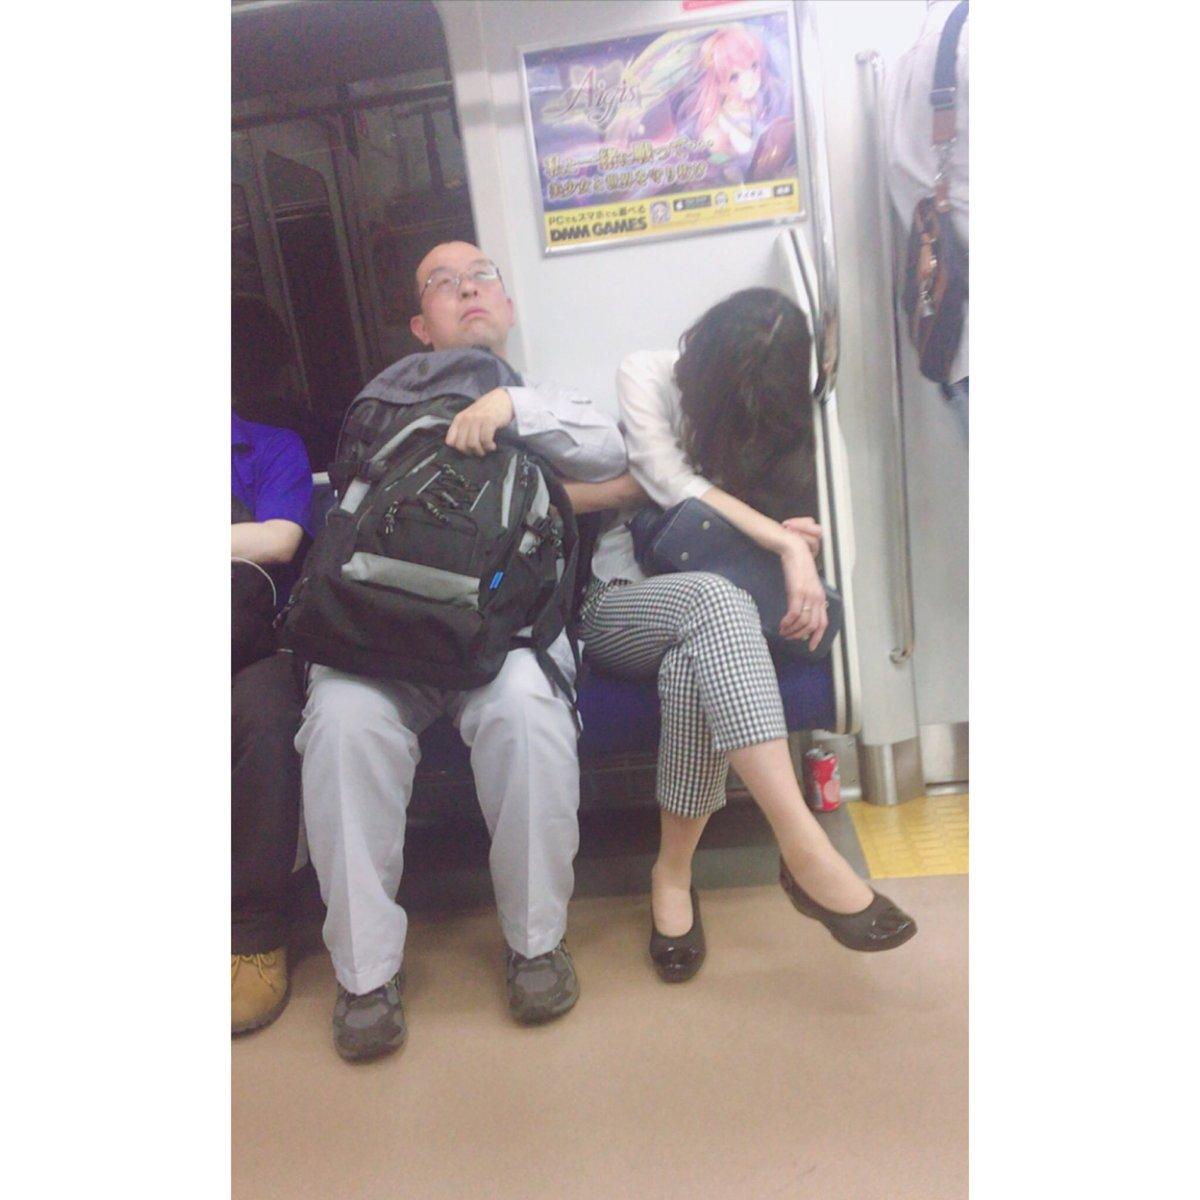 【JR】新宿駅で女性狙い「タックル」する男の動画拡散 「私も同じことされた」と証言も★5 YouTube動画>8本 ->画像>17枚